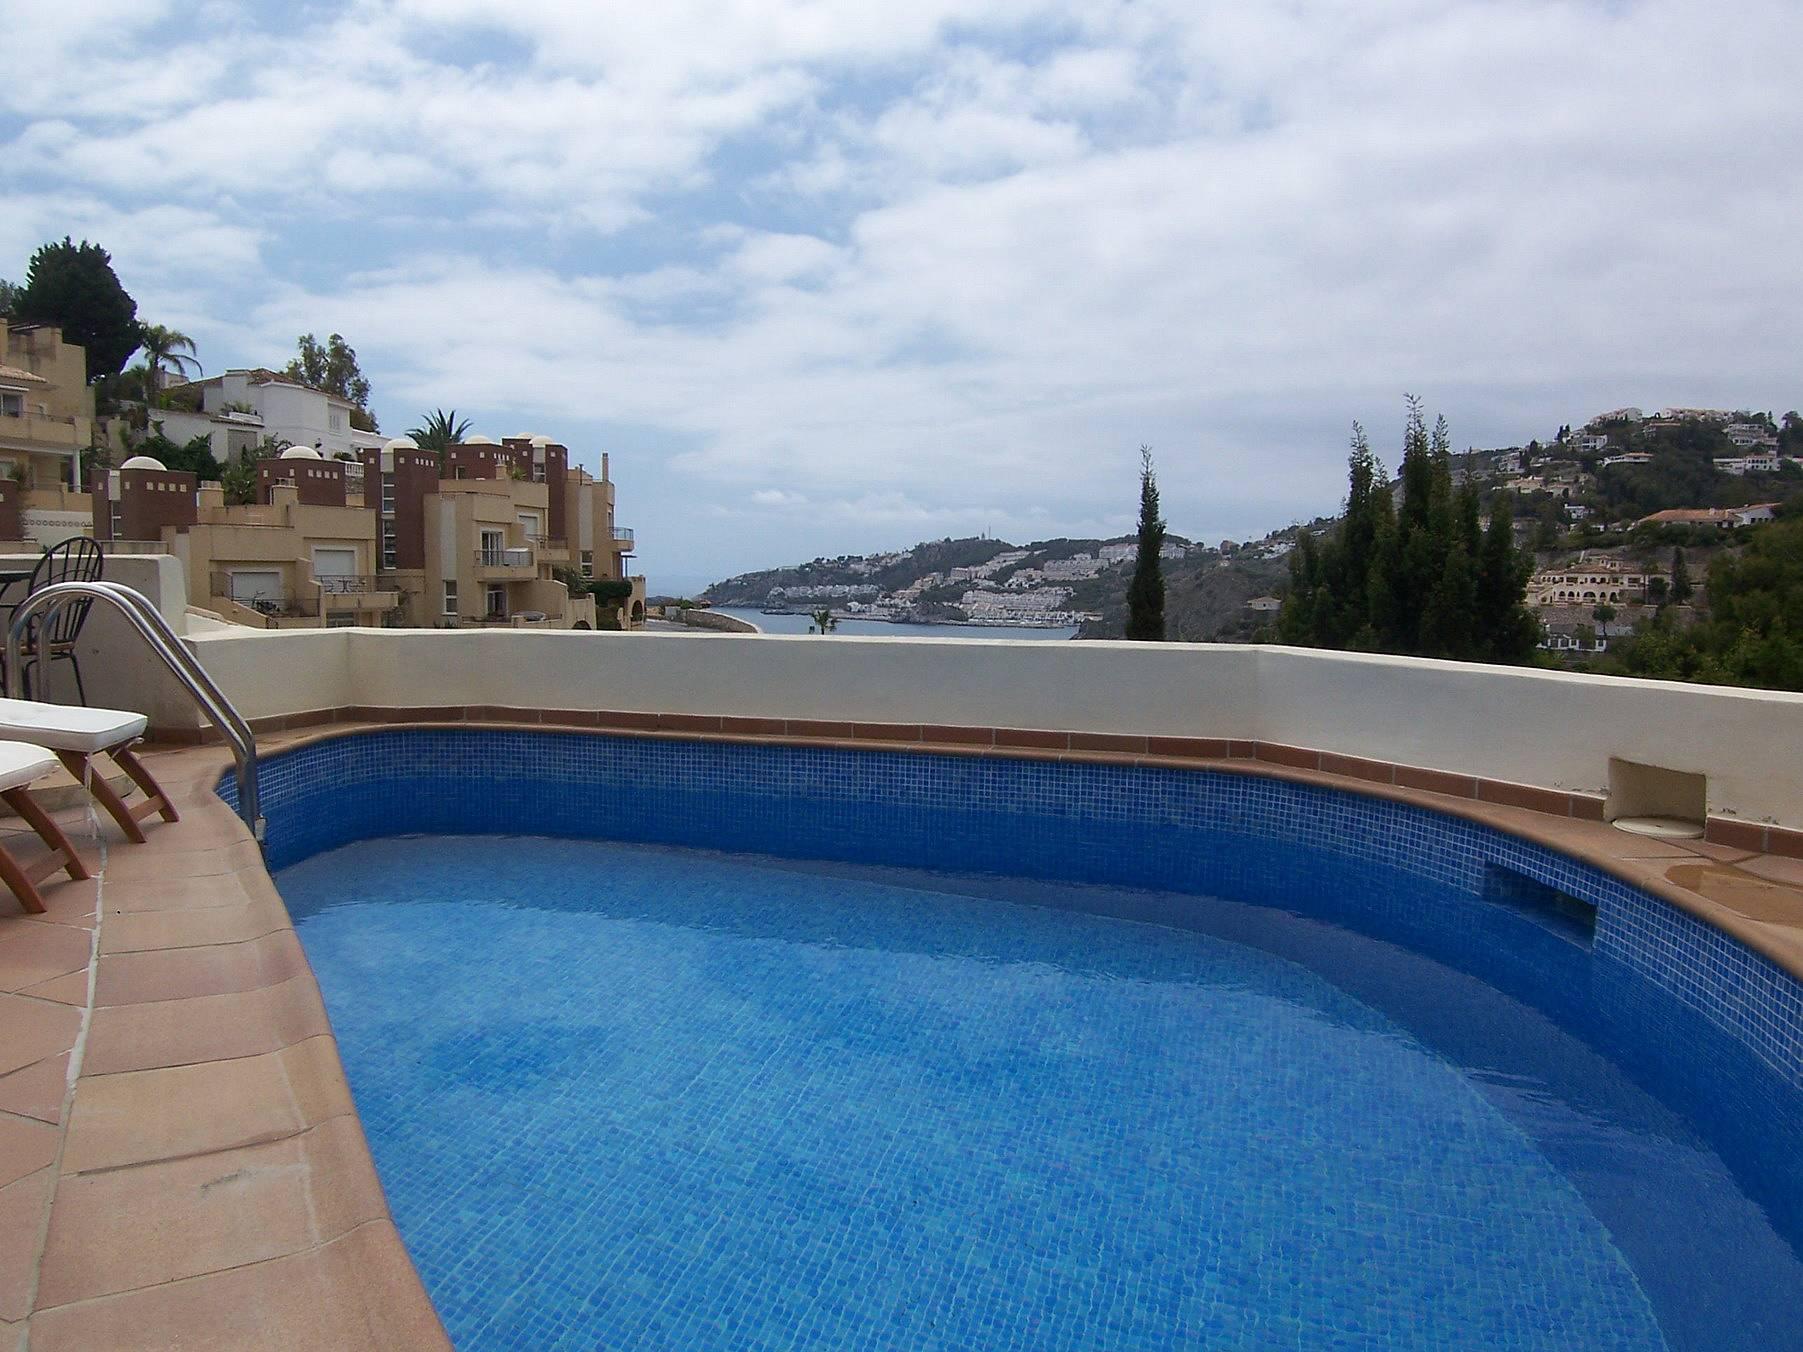 Villa con piscina a 700 m de la playa almu car for Piscina publica alhendin granada